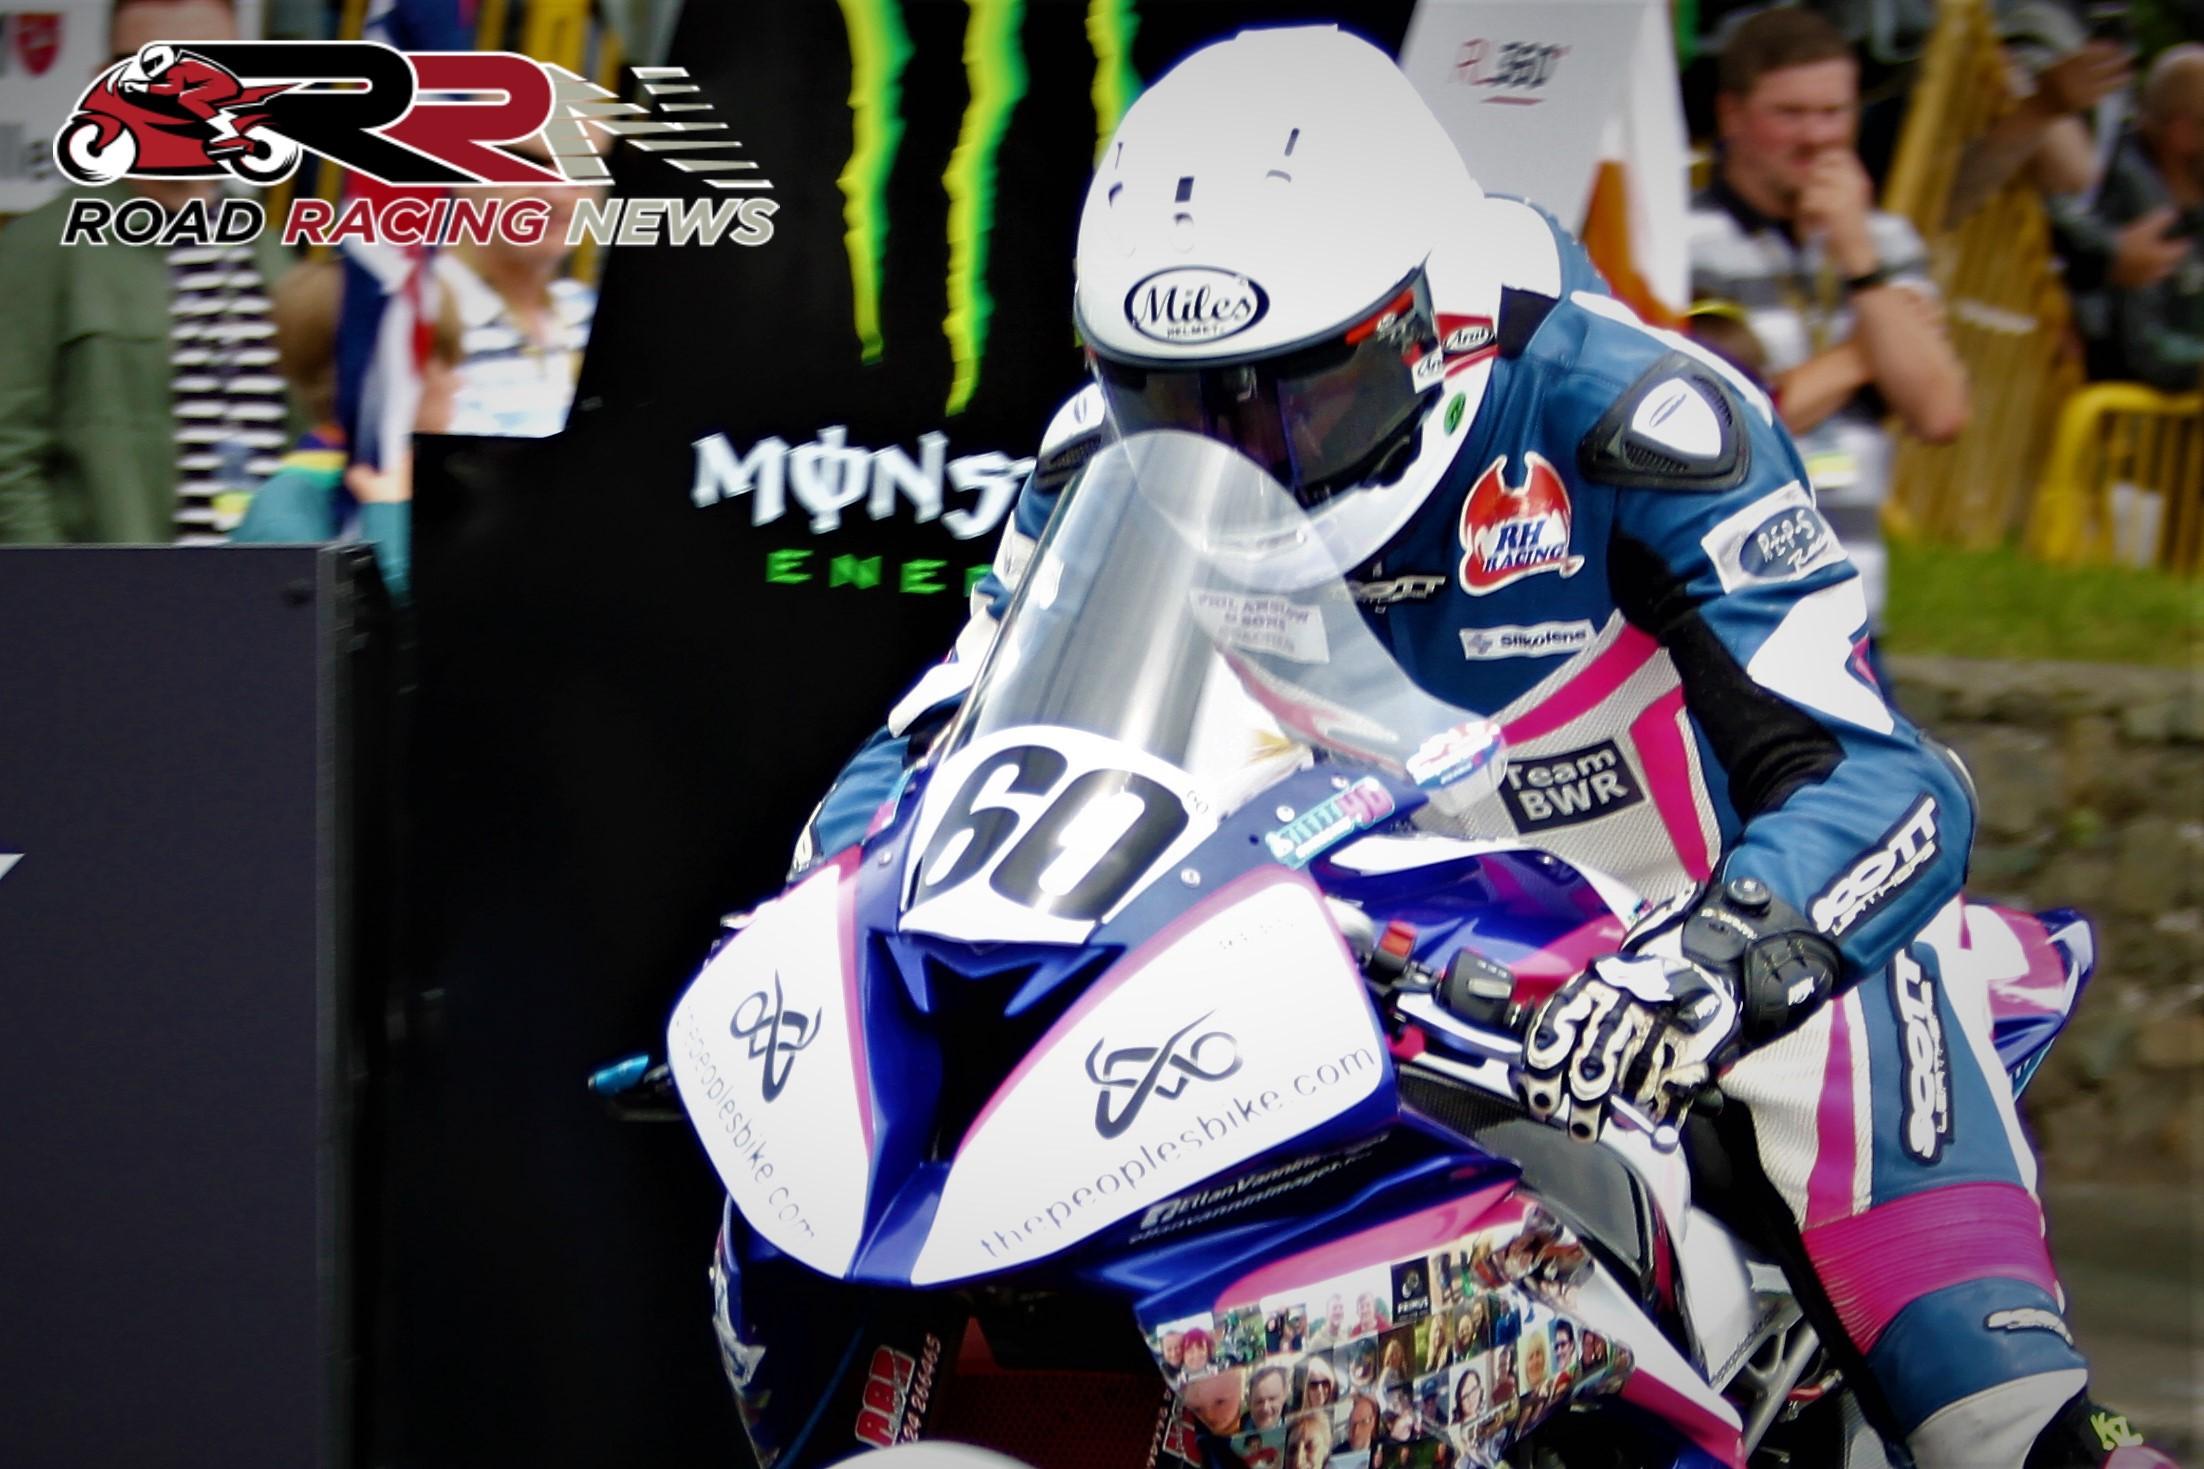 Hardisty Secures Premier Superbike Mount For TT 2019